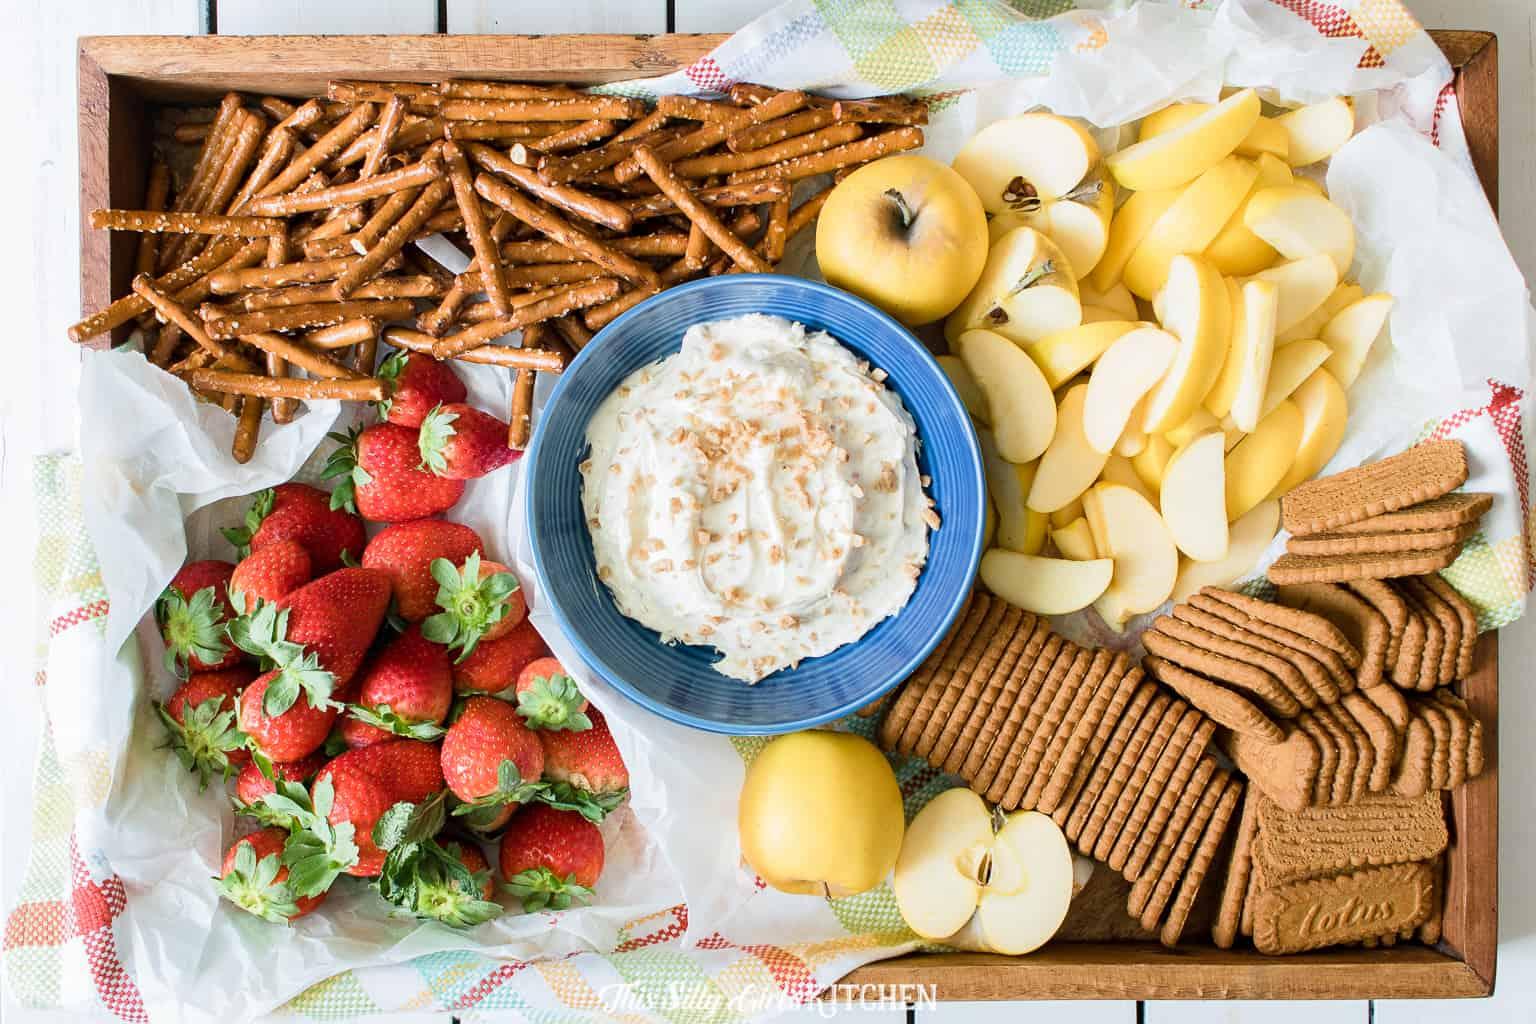 Caramel Apple Dip, a yummy appetizer or after-school snack. #Recipe from ThisSillyGirlsKitchen.com #caramelappledip #fruitdip #dip #appetizer #dessert